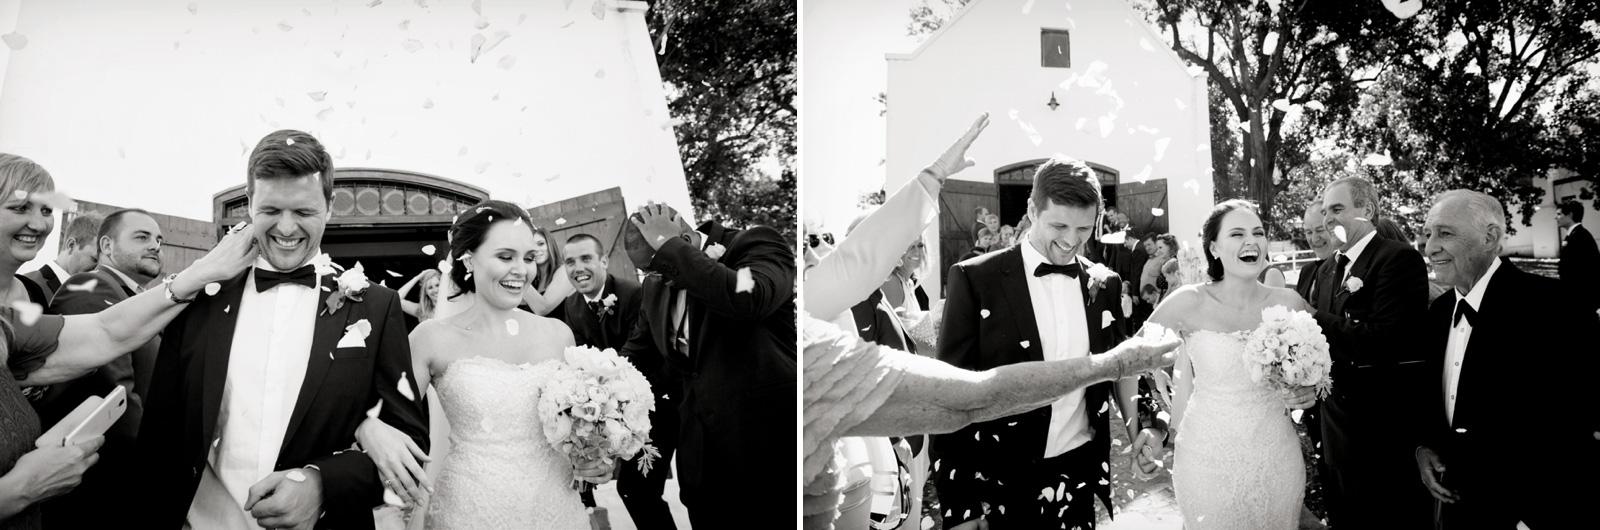 Bride and Groom in petals